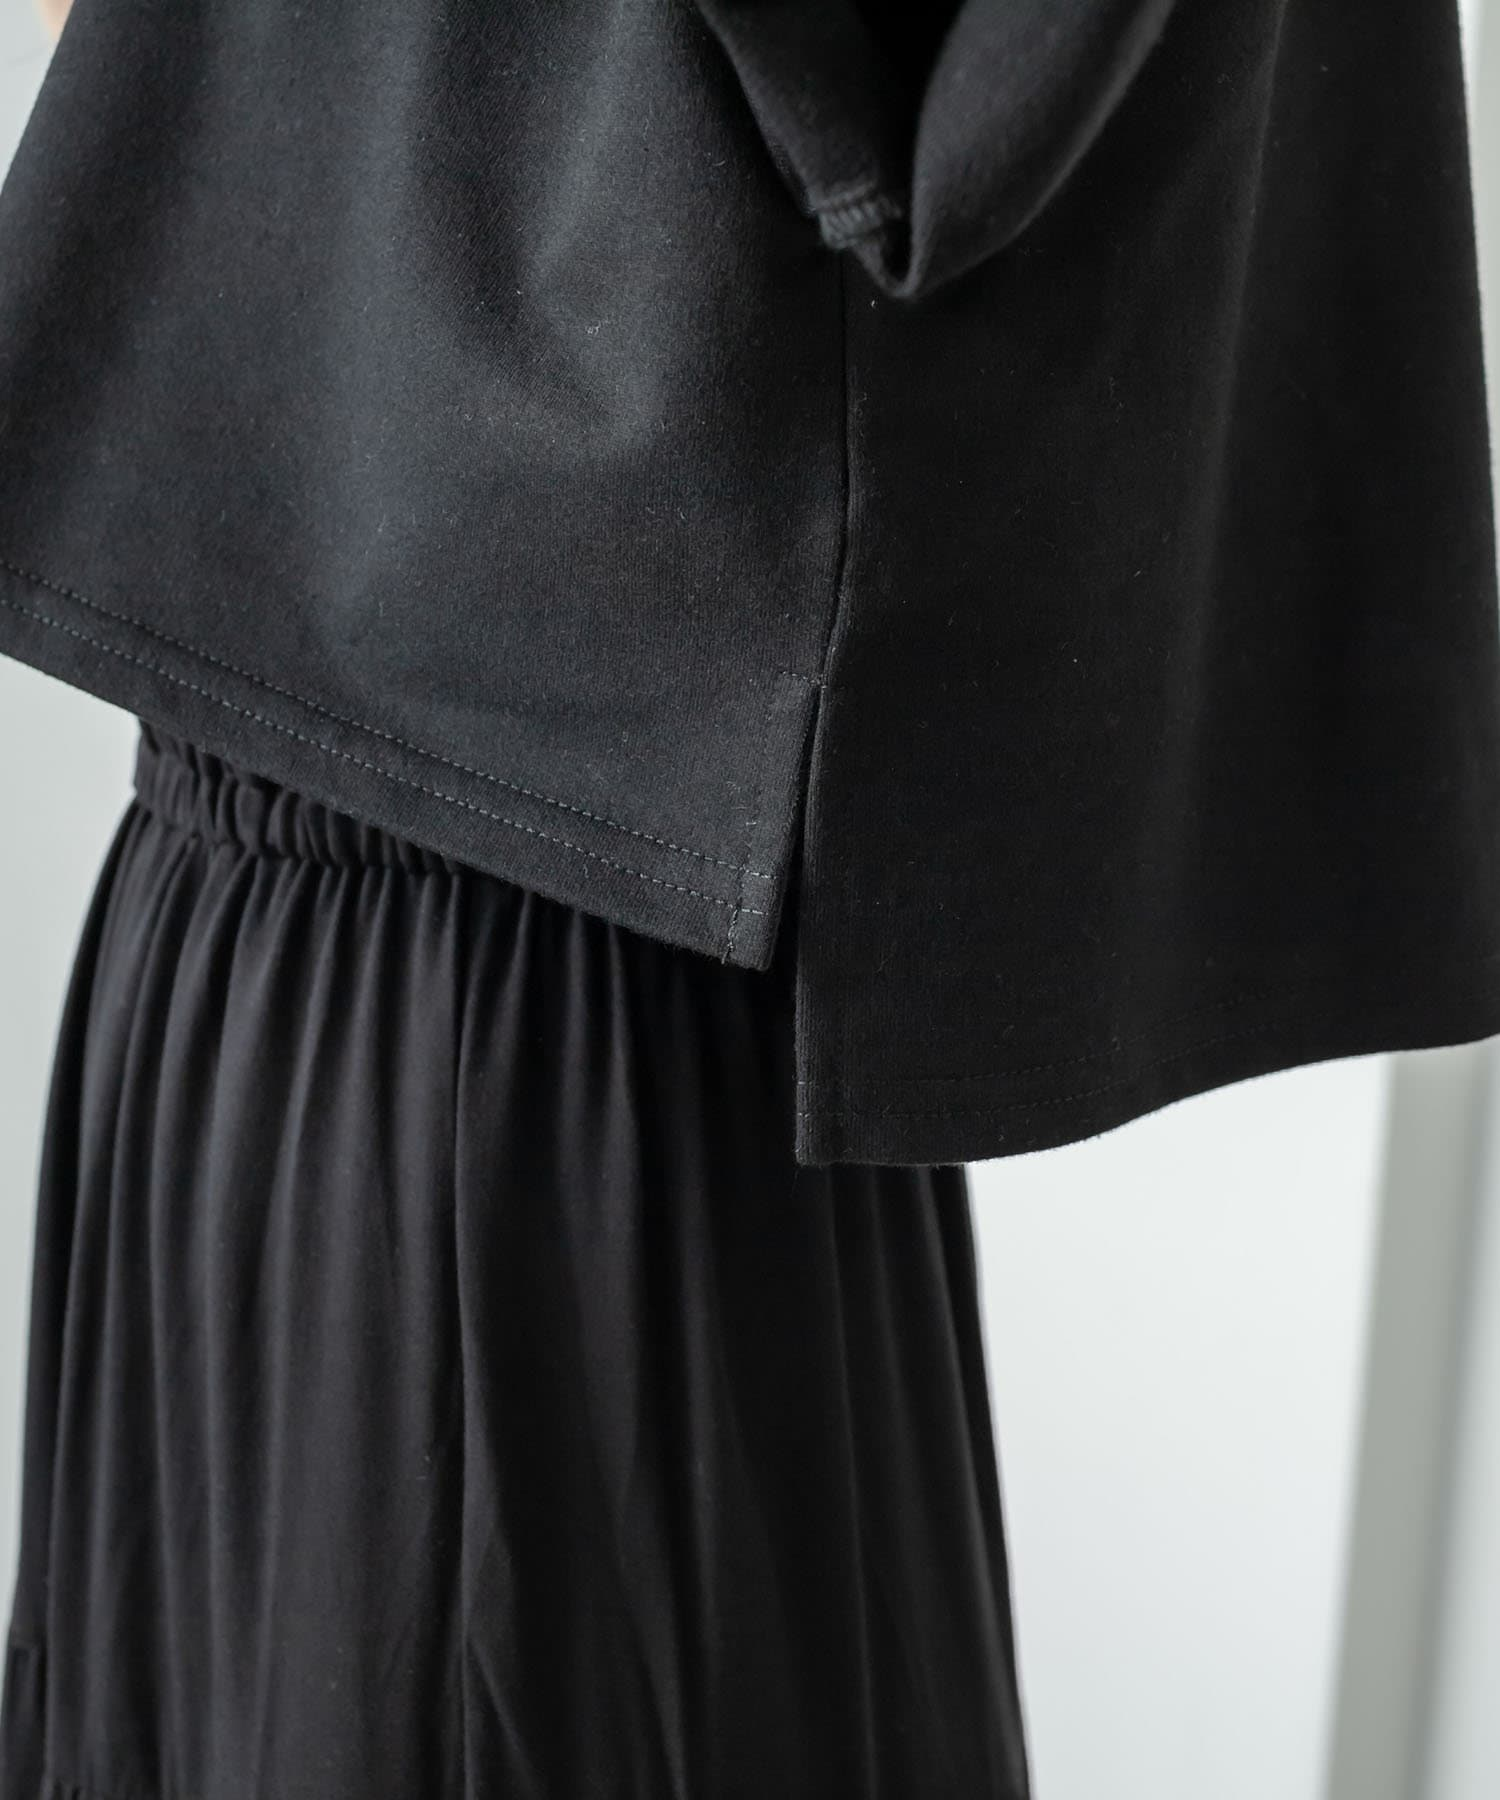 RASVOA(ラスボア) レイヤード風半袖ティアードワンピース